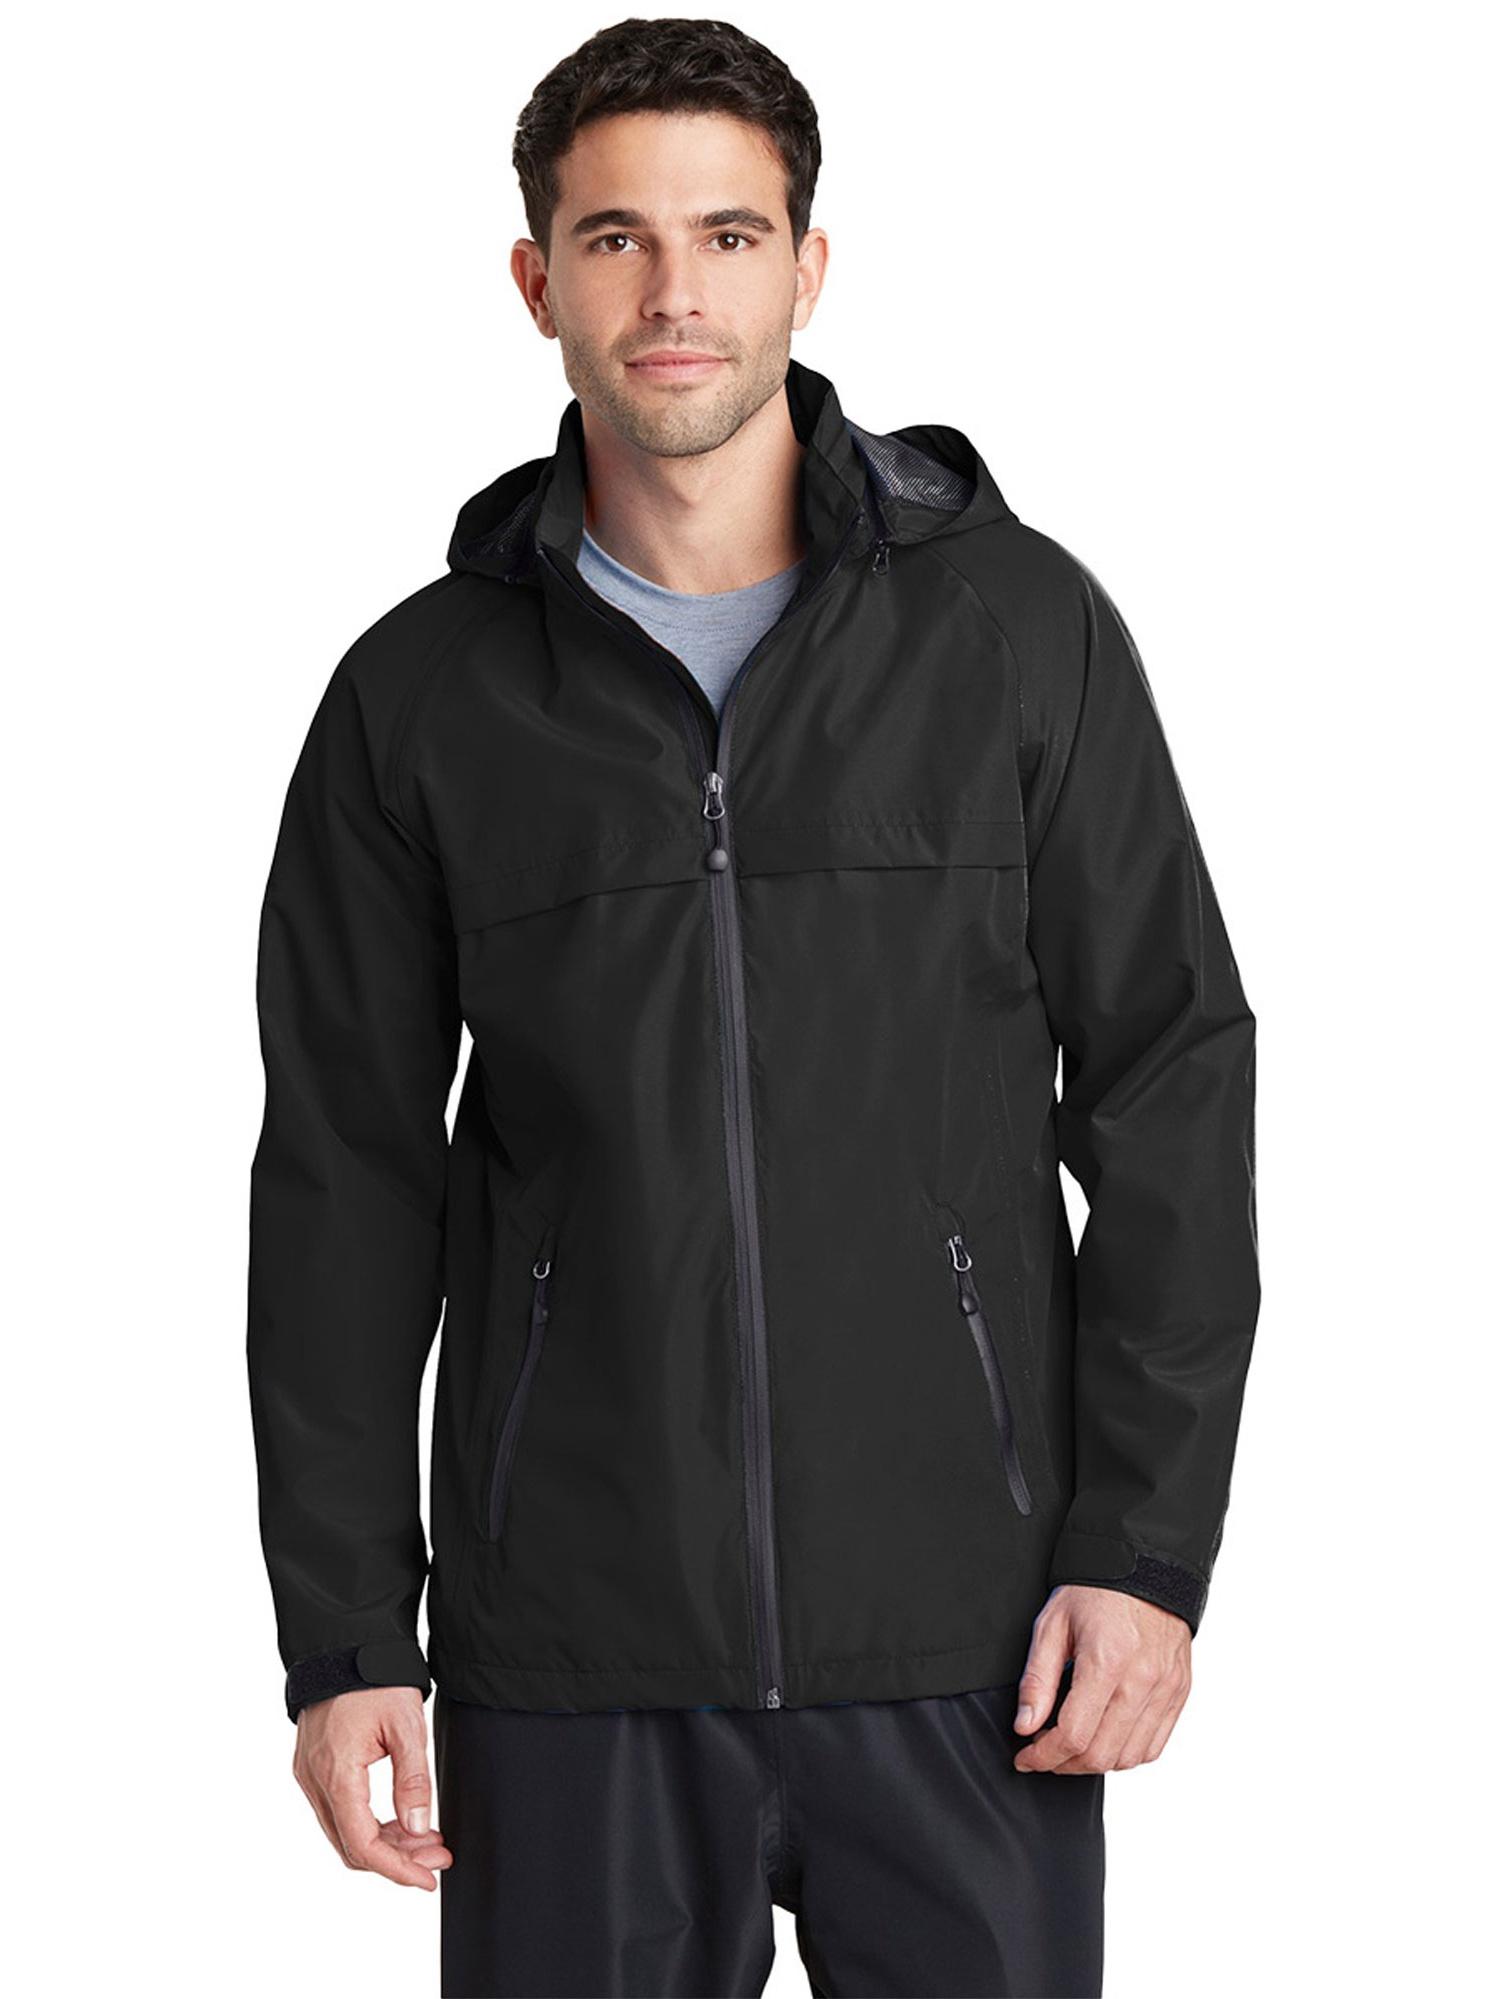 Port Authority Men's Torrent Waterproof Jacket